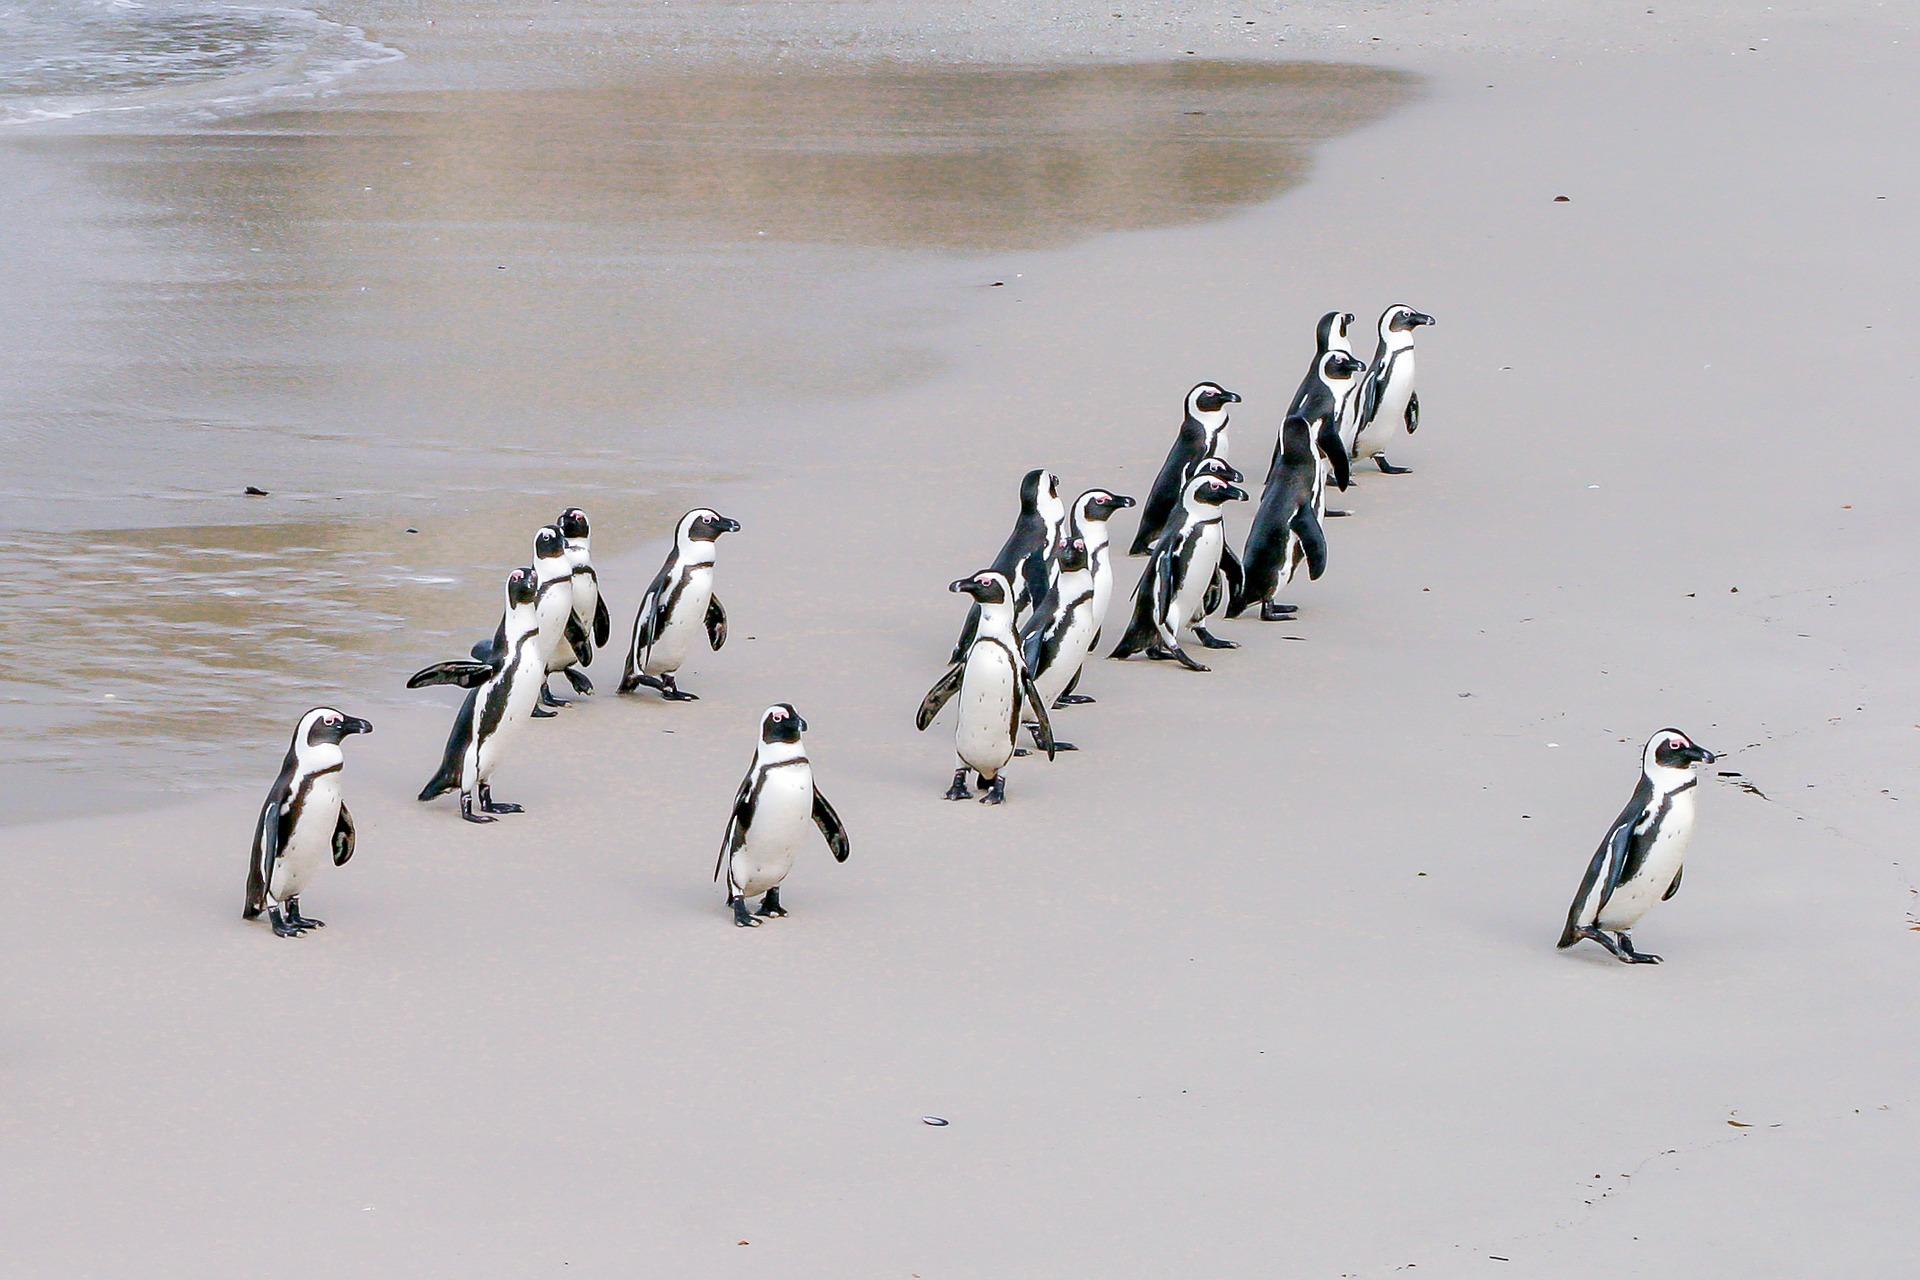 penguin-1719608_1920.jpg